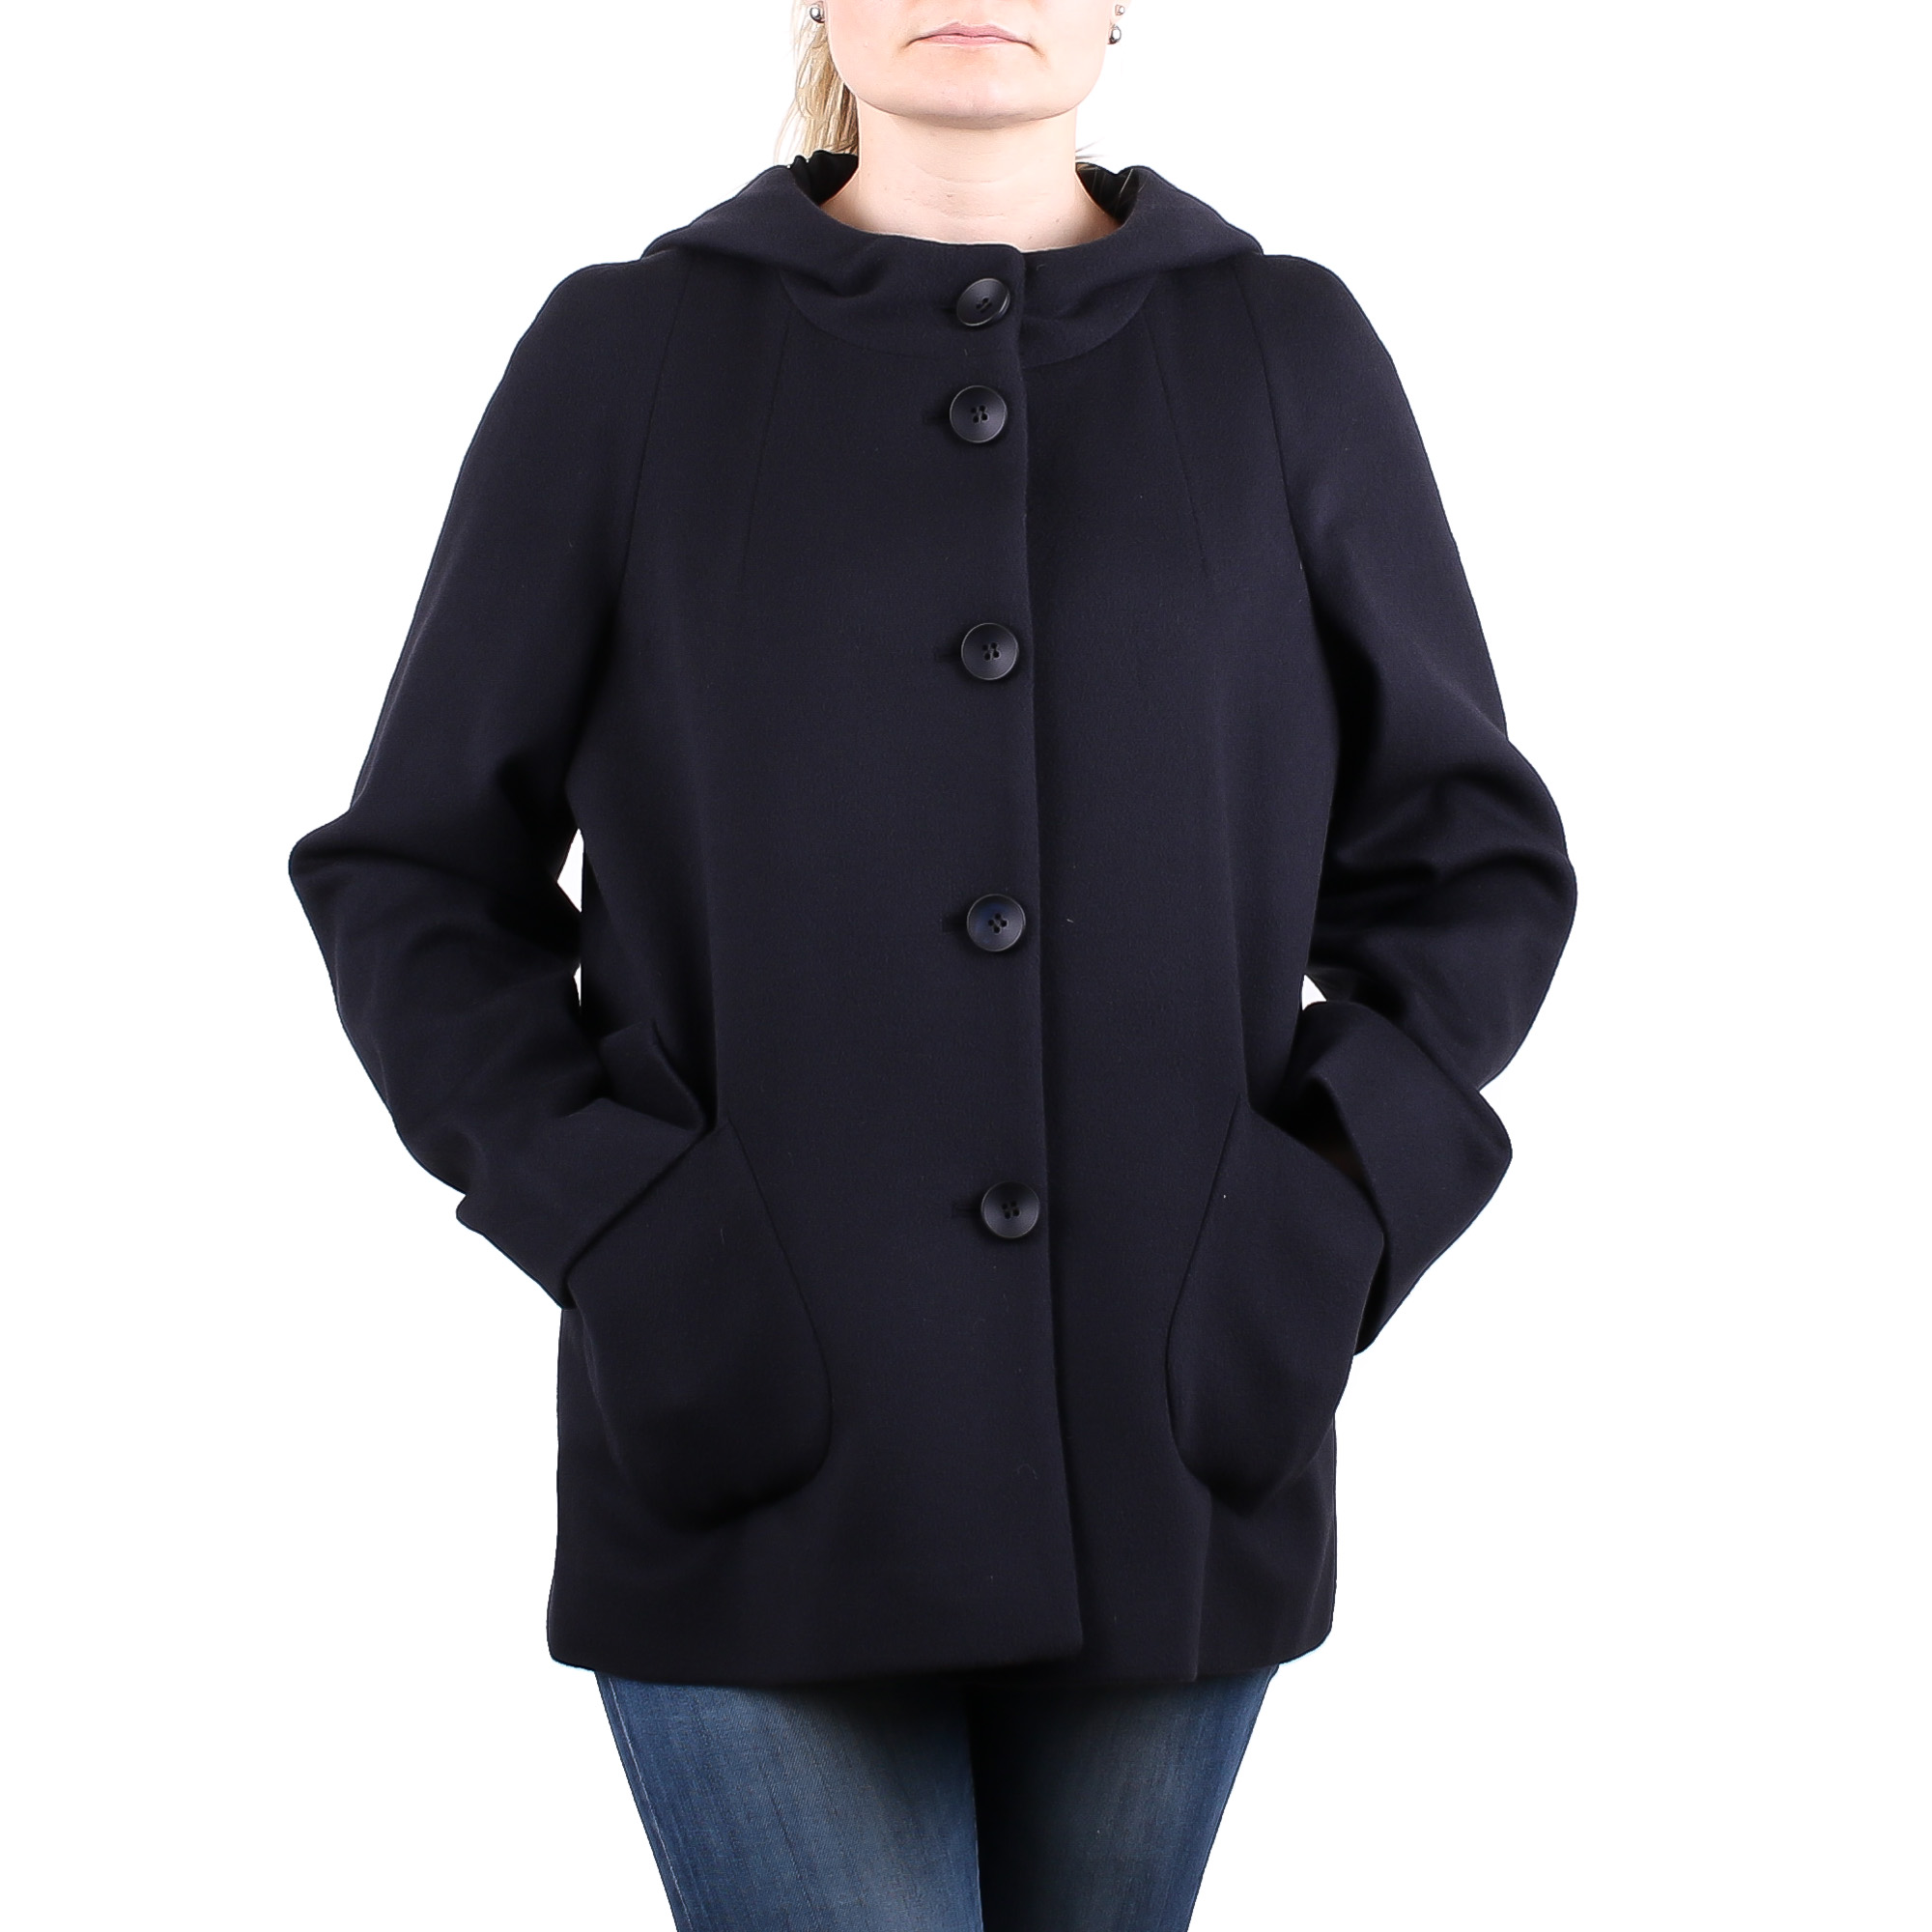 190359203d6 Женское короткое пальто с капюшоном Carla Vi S9099. купить ...